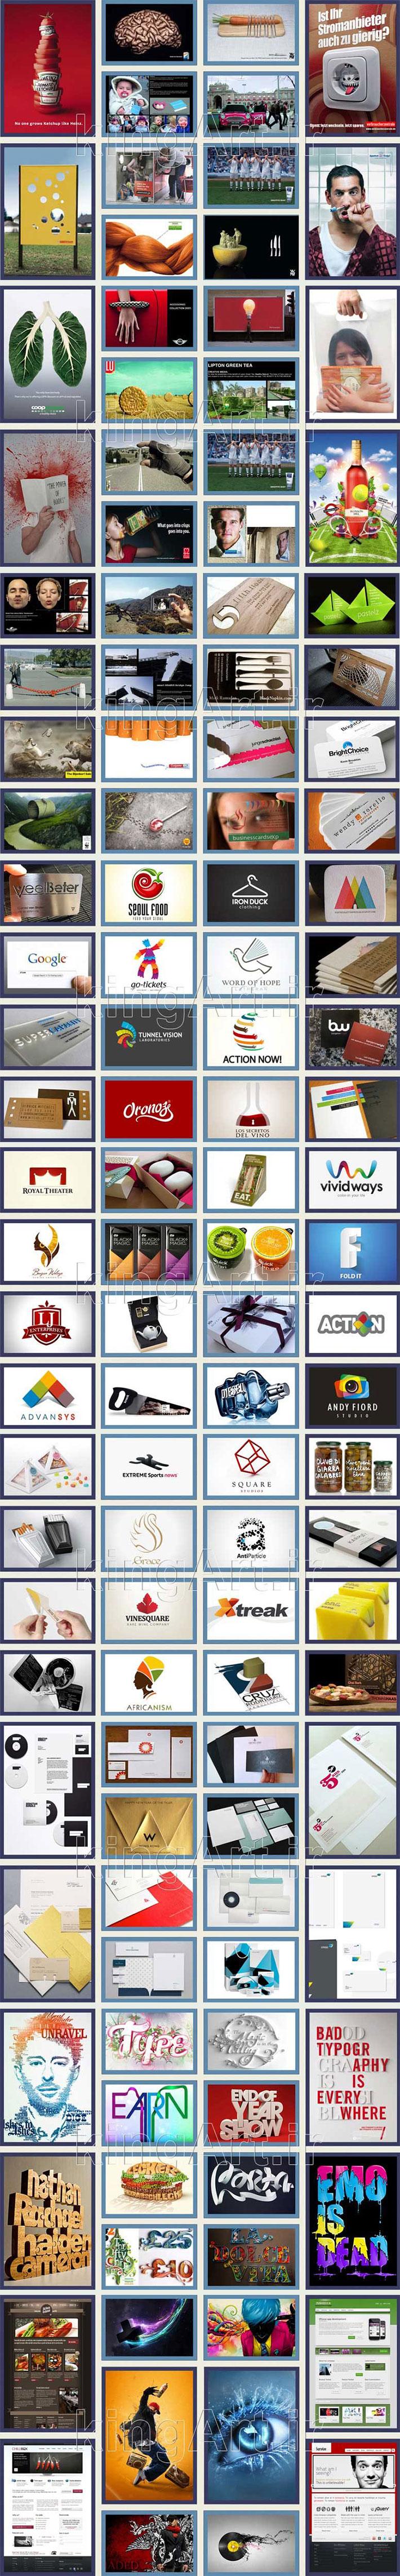 ایده خلاقانه عکس های خلاقانه تبلیغات خلاقانه عکس ایده های خلاقانه ایده های خلاق عکس های جدید